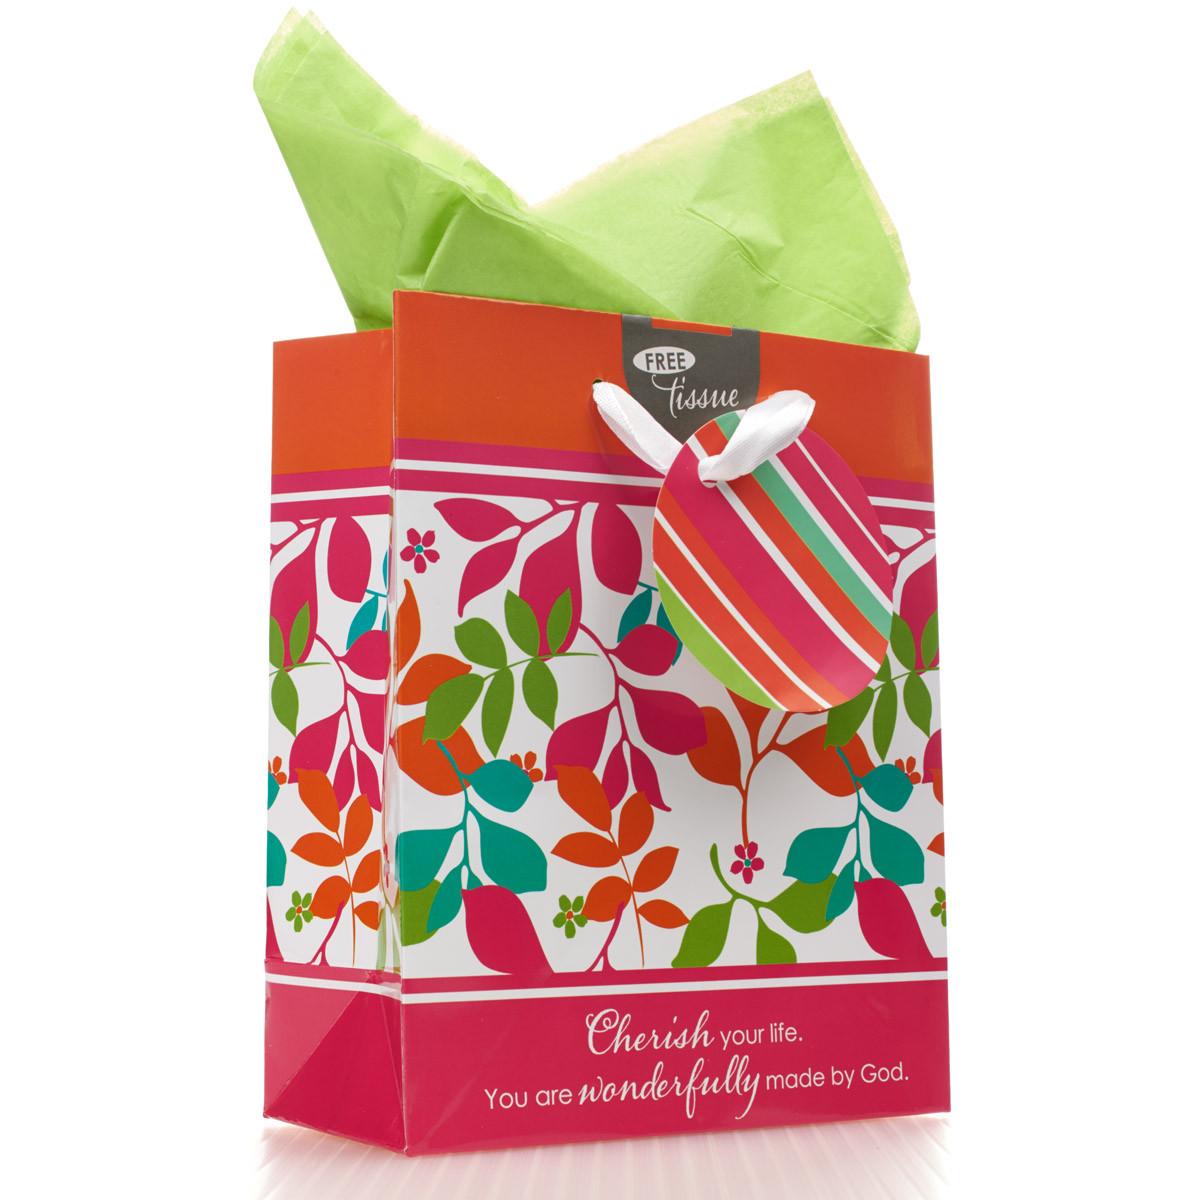 Cherish you Life Small Gift Bag gift bag, small gift bag, tissue and bag, gift wrap, GBA008